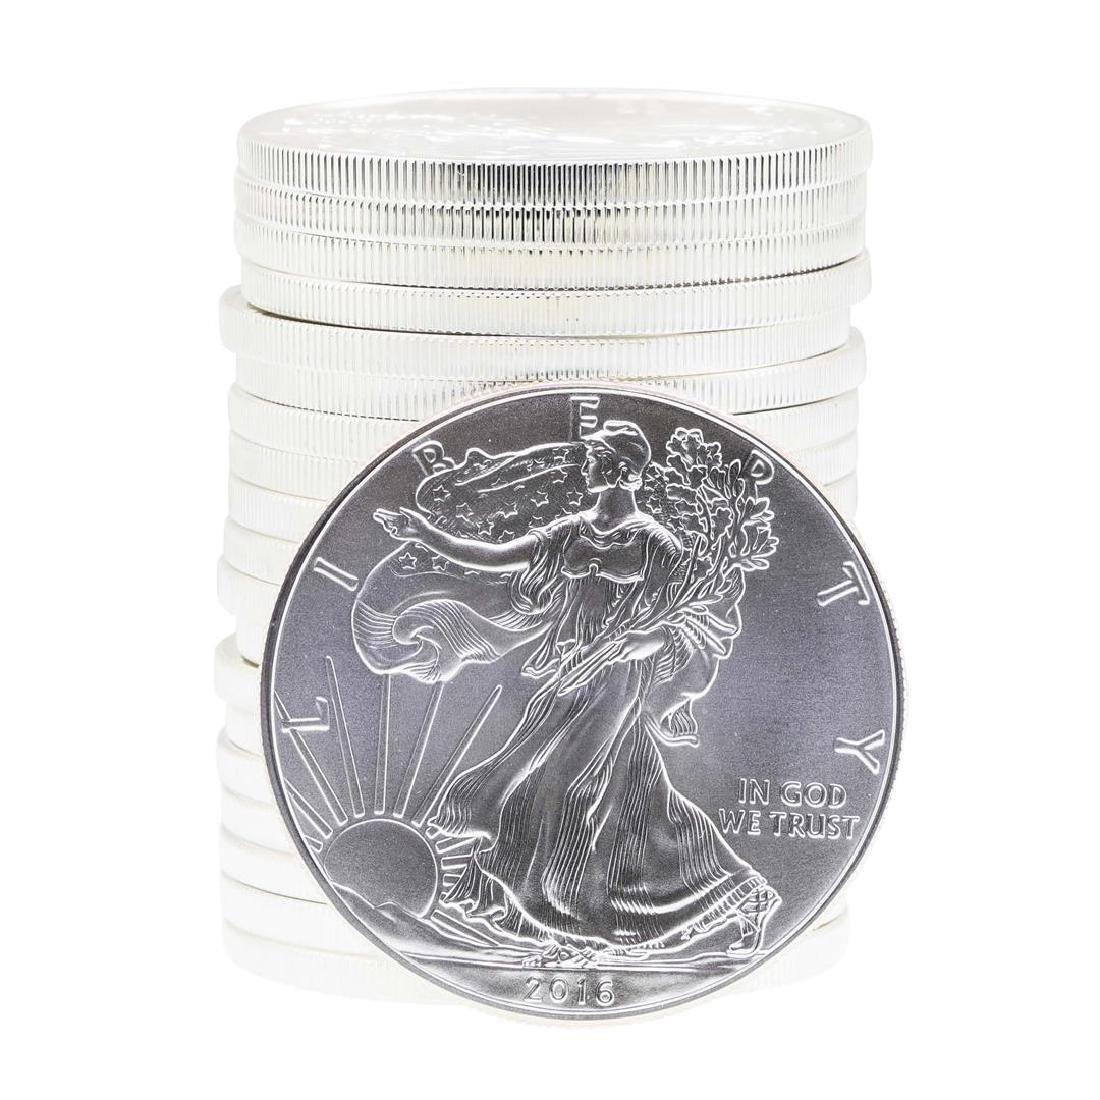 Roll of (20) 2016 $1 American Silver Eagle Brilliant